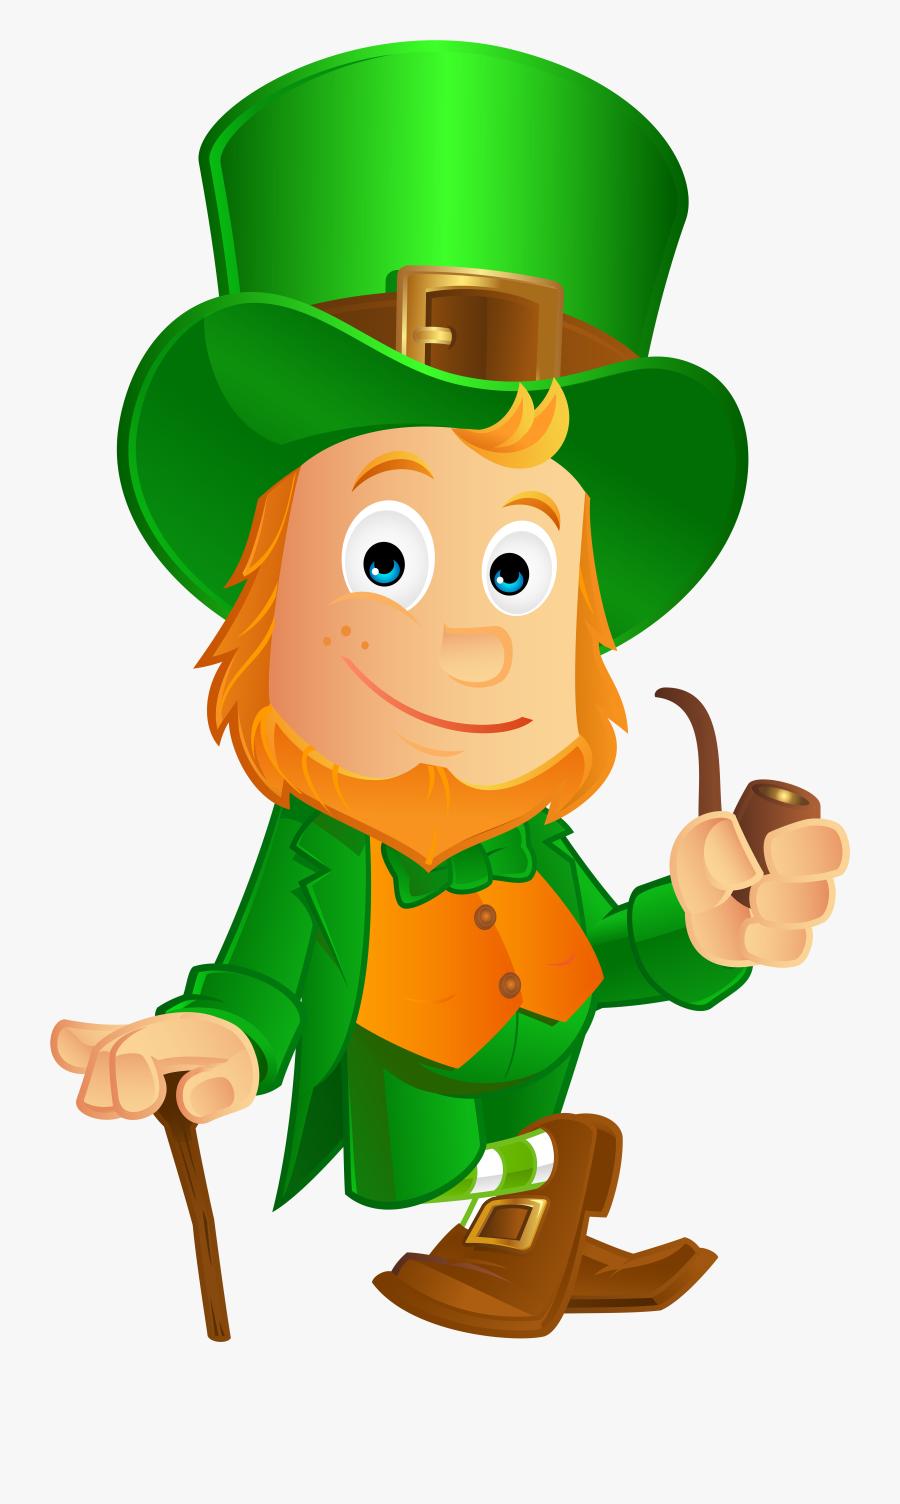 Happy St Patricks Day Leprechaun Png - Leprechaun St Patrick's Day Clipart Png, Transparent Clipart